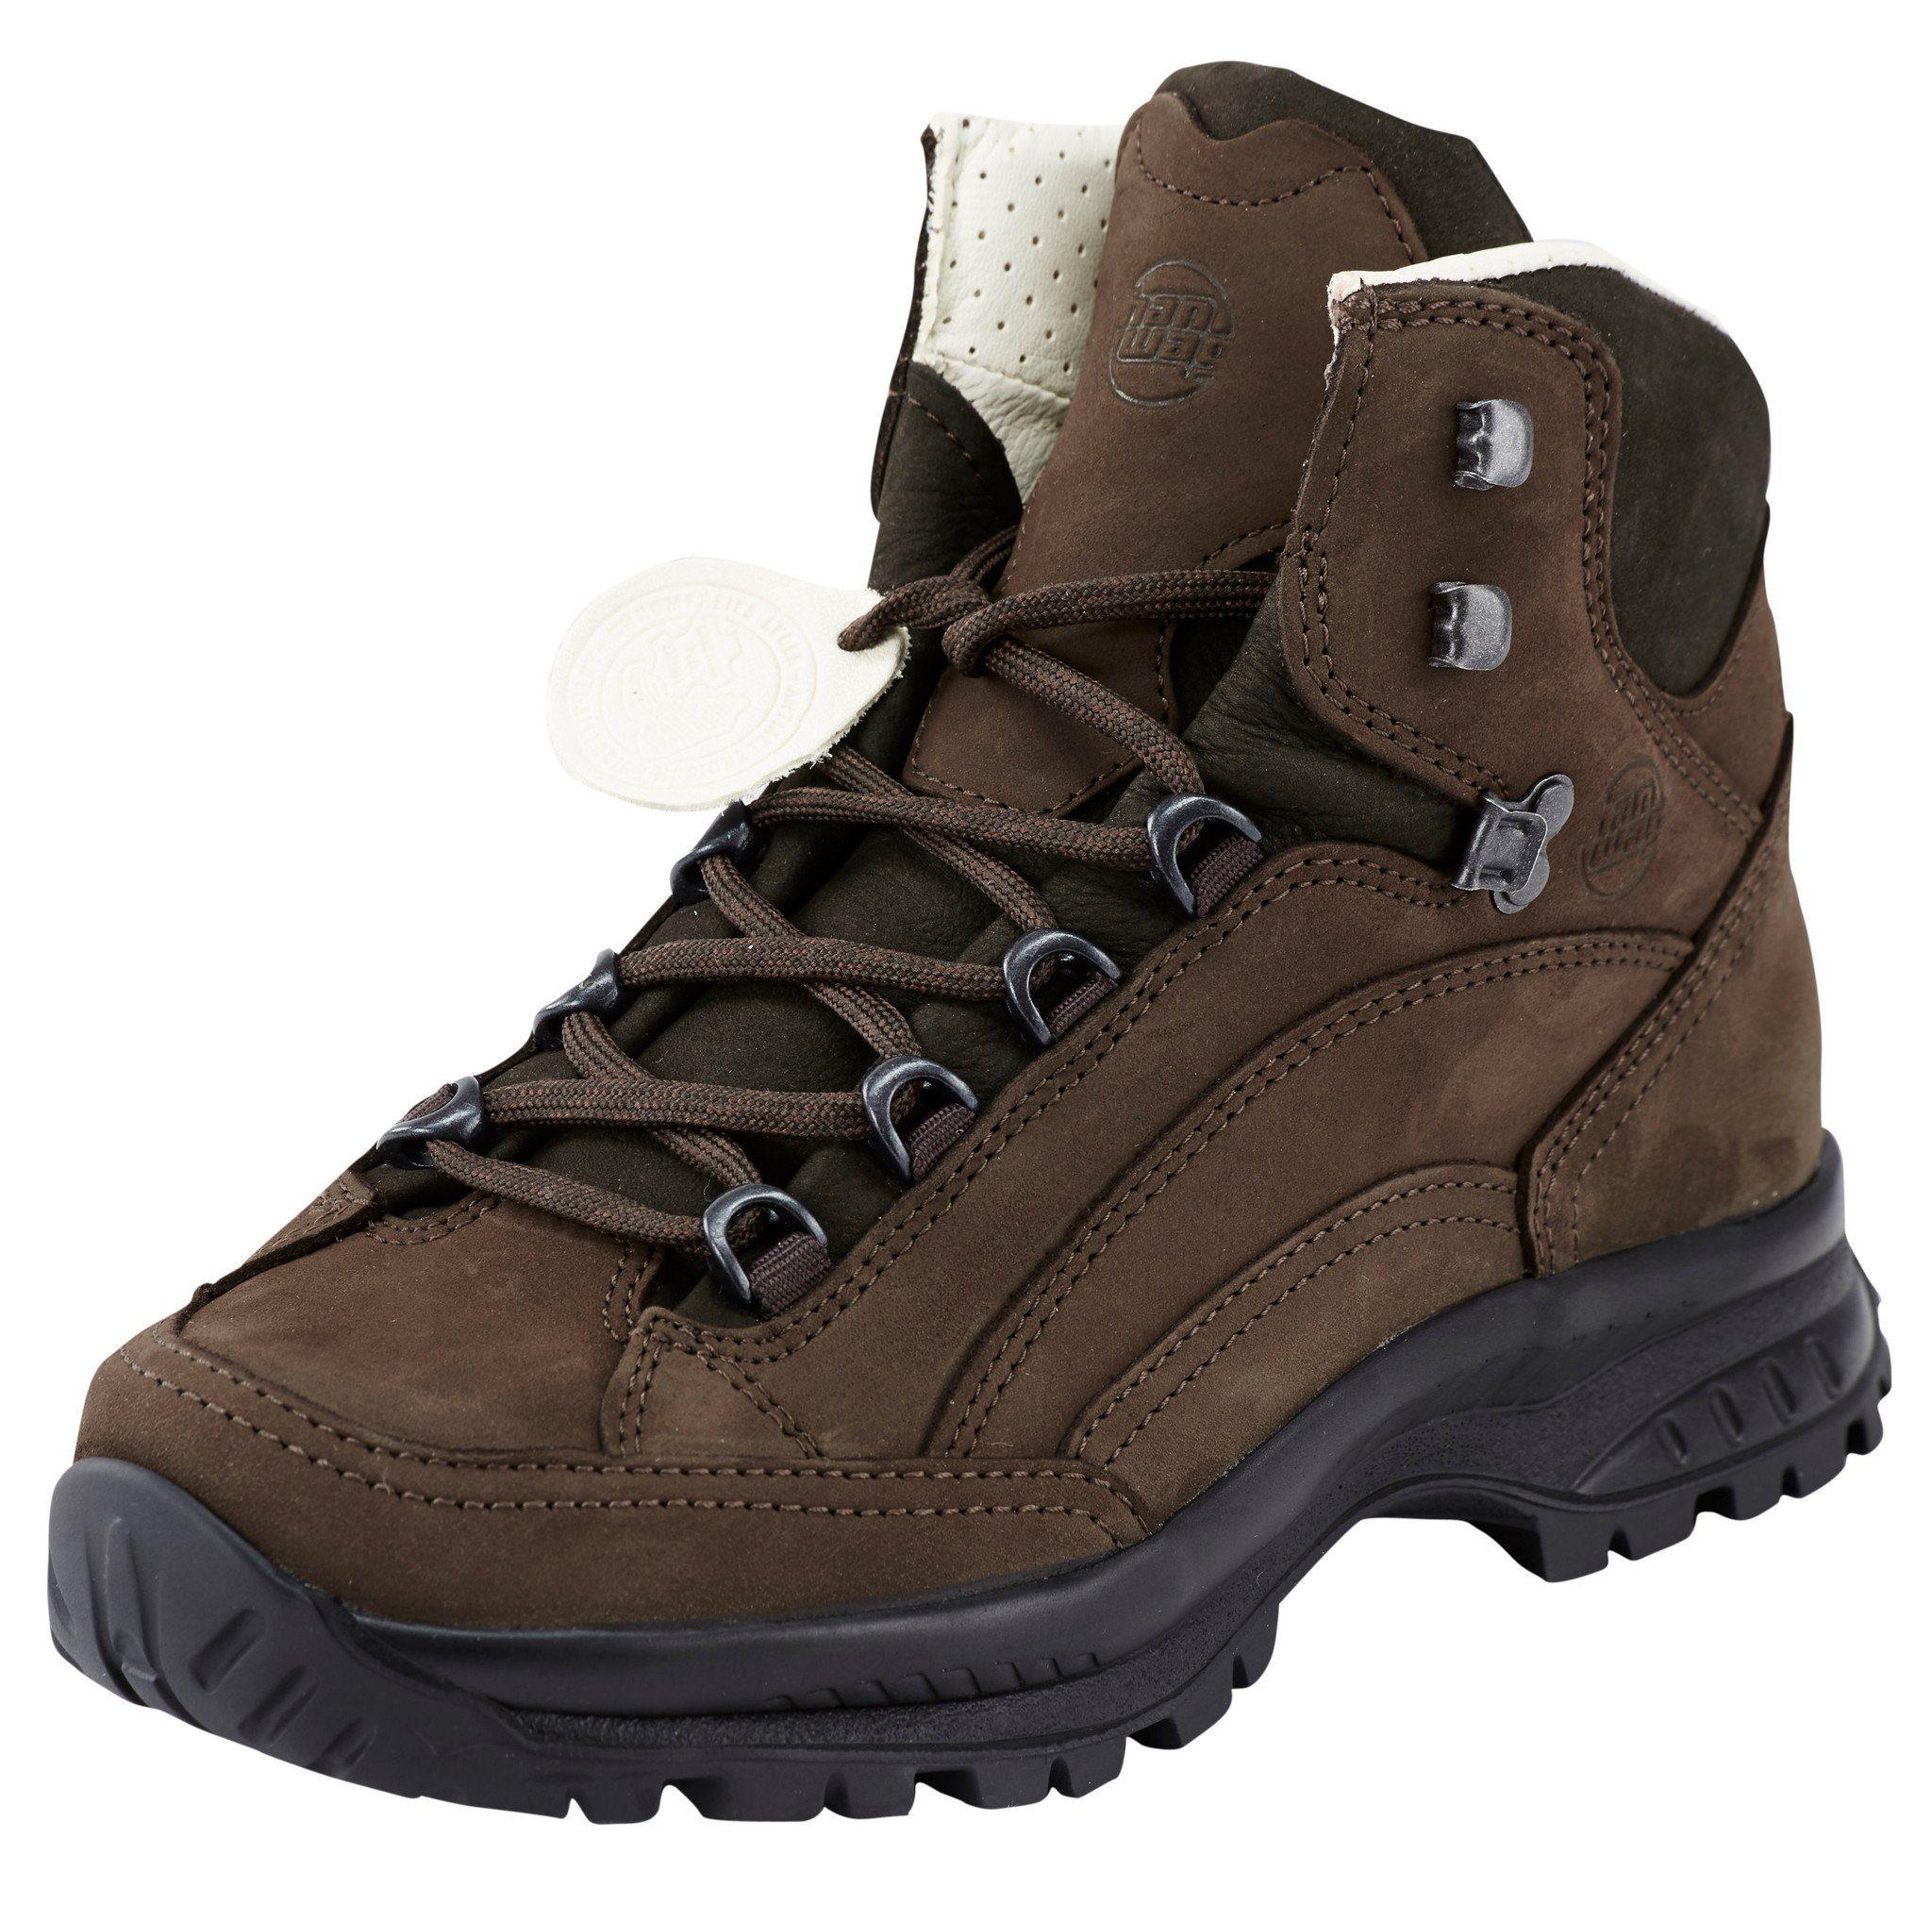 Hanwag Kletterschuh Alta Bunion Bunion Shoes Women online kaufen  braun